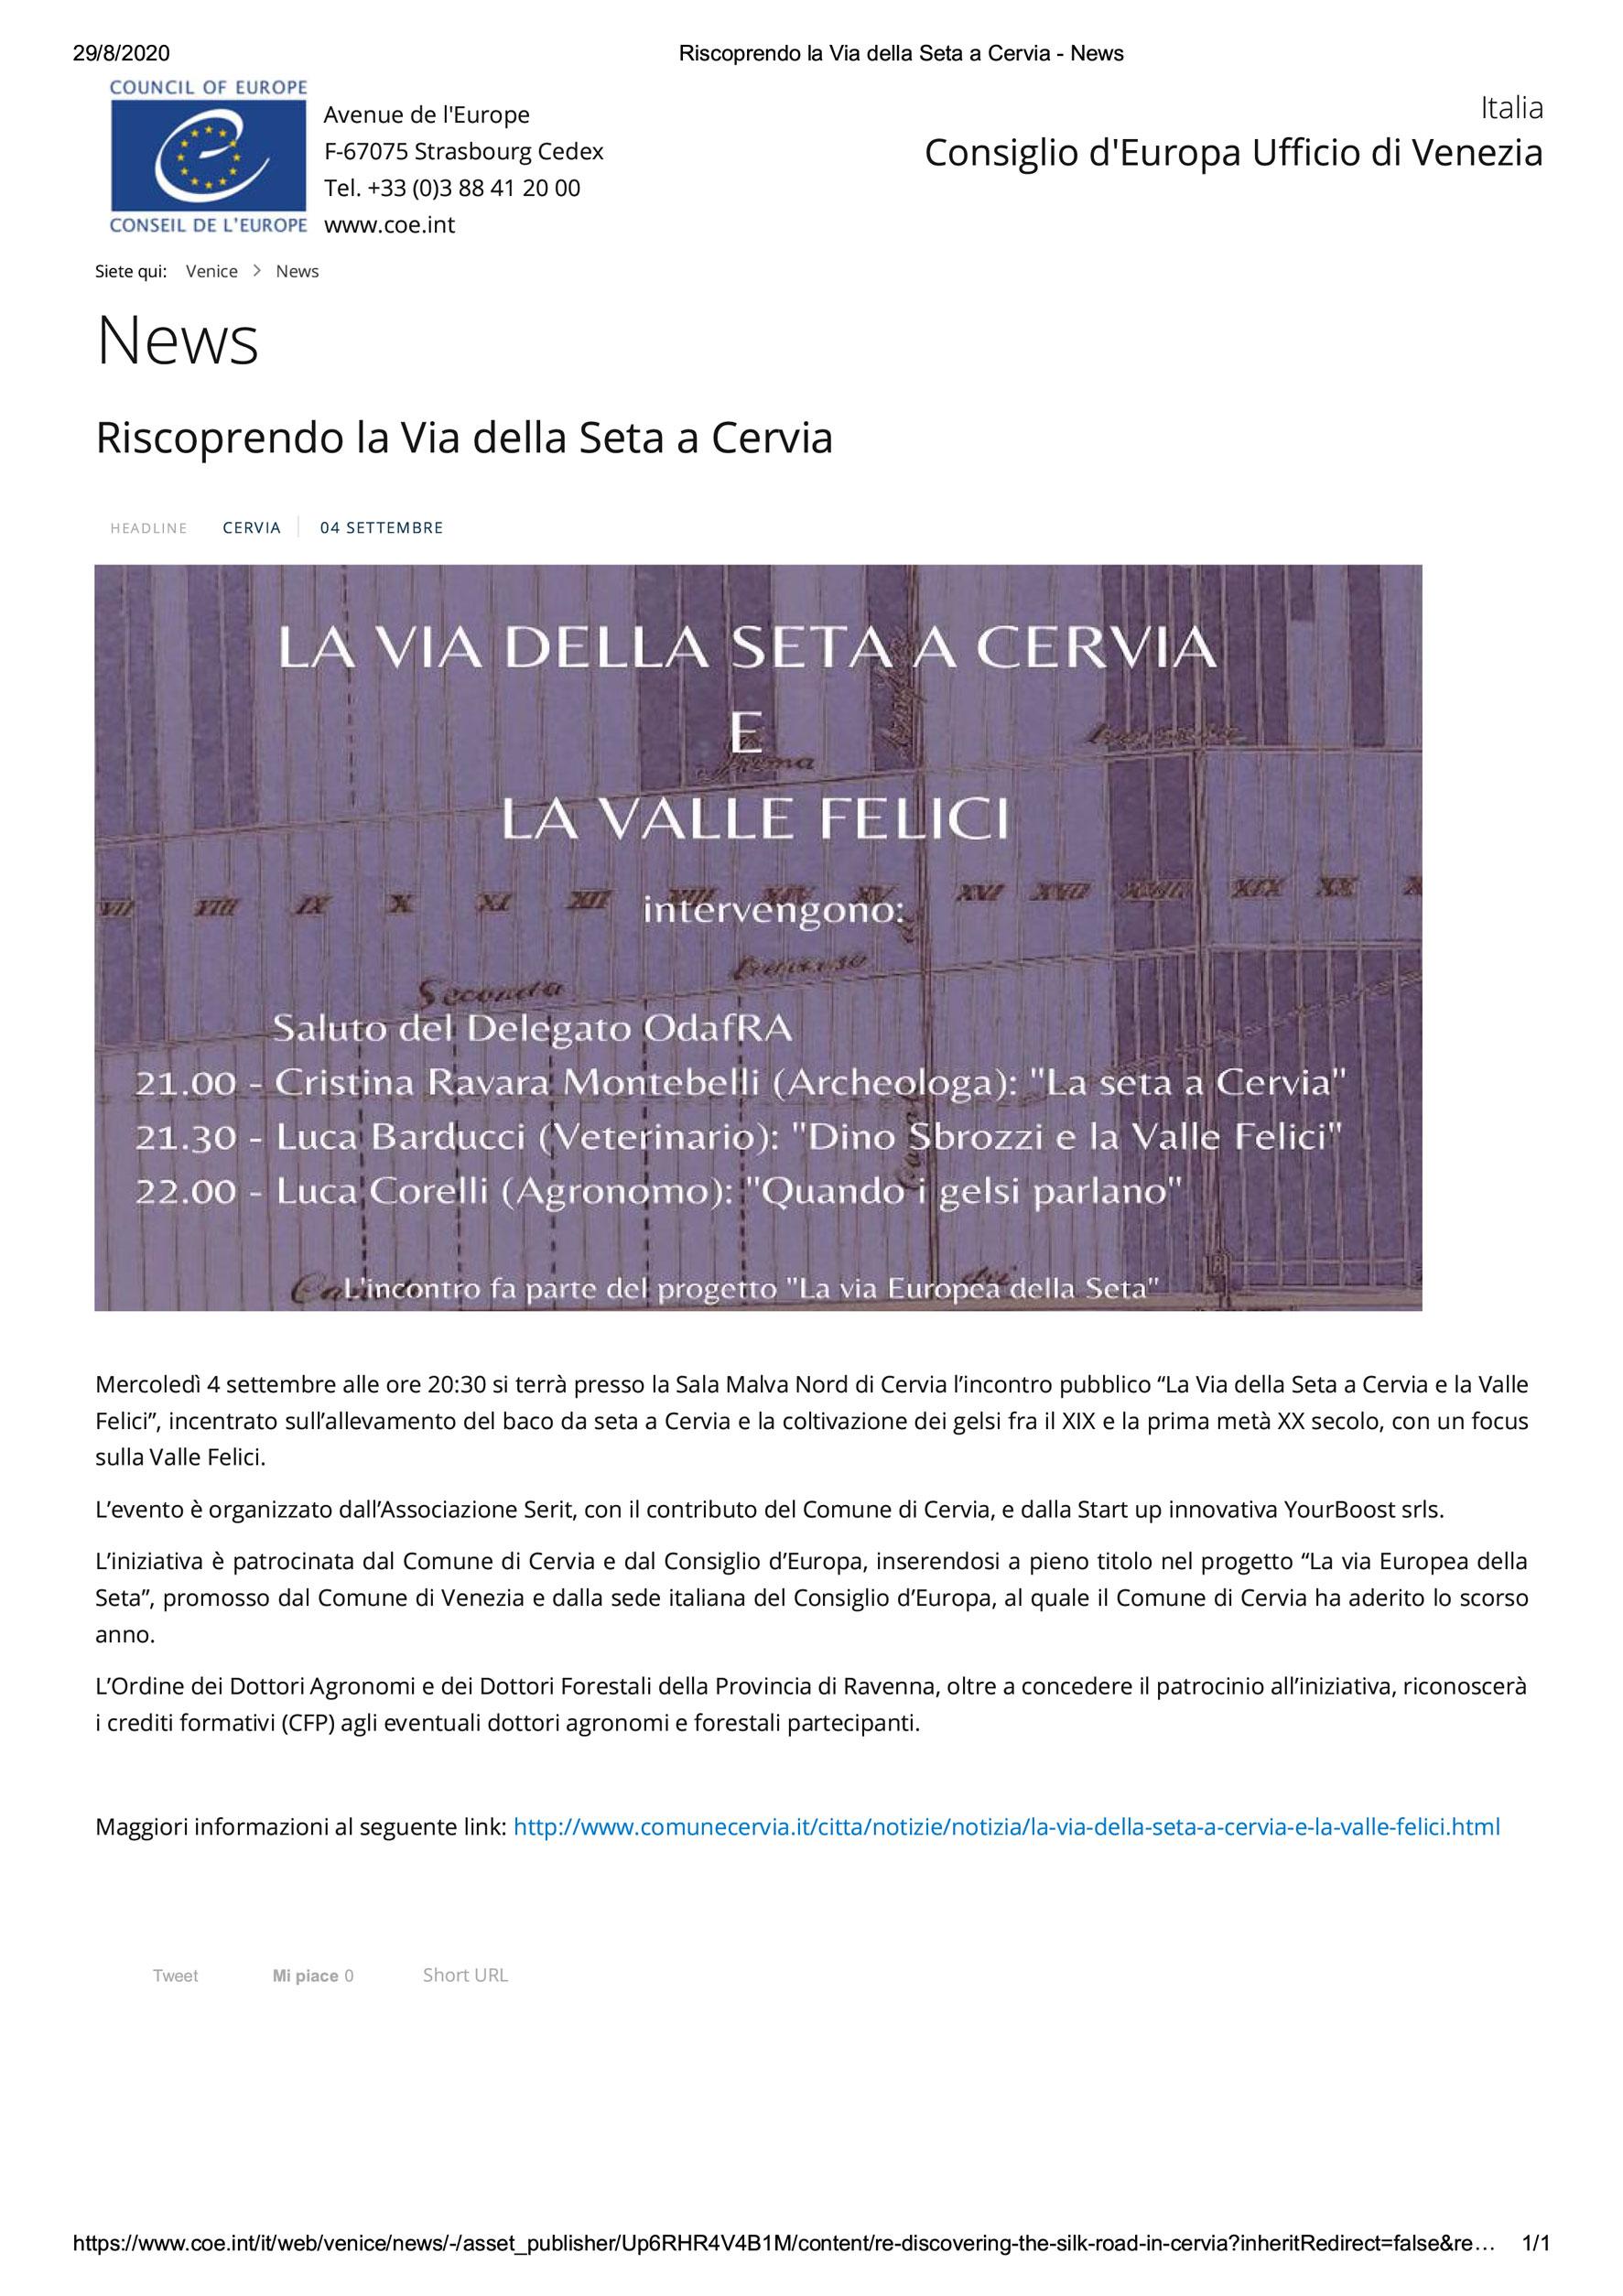 Seta a Cervia 4 settembre 2020 Consiglio d'Europa